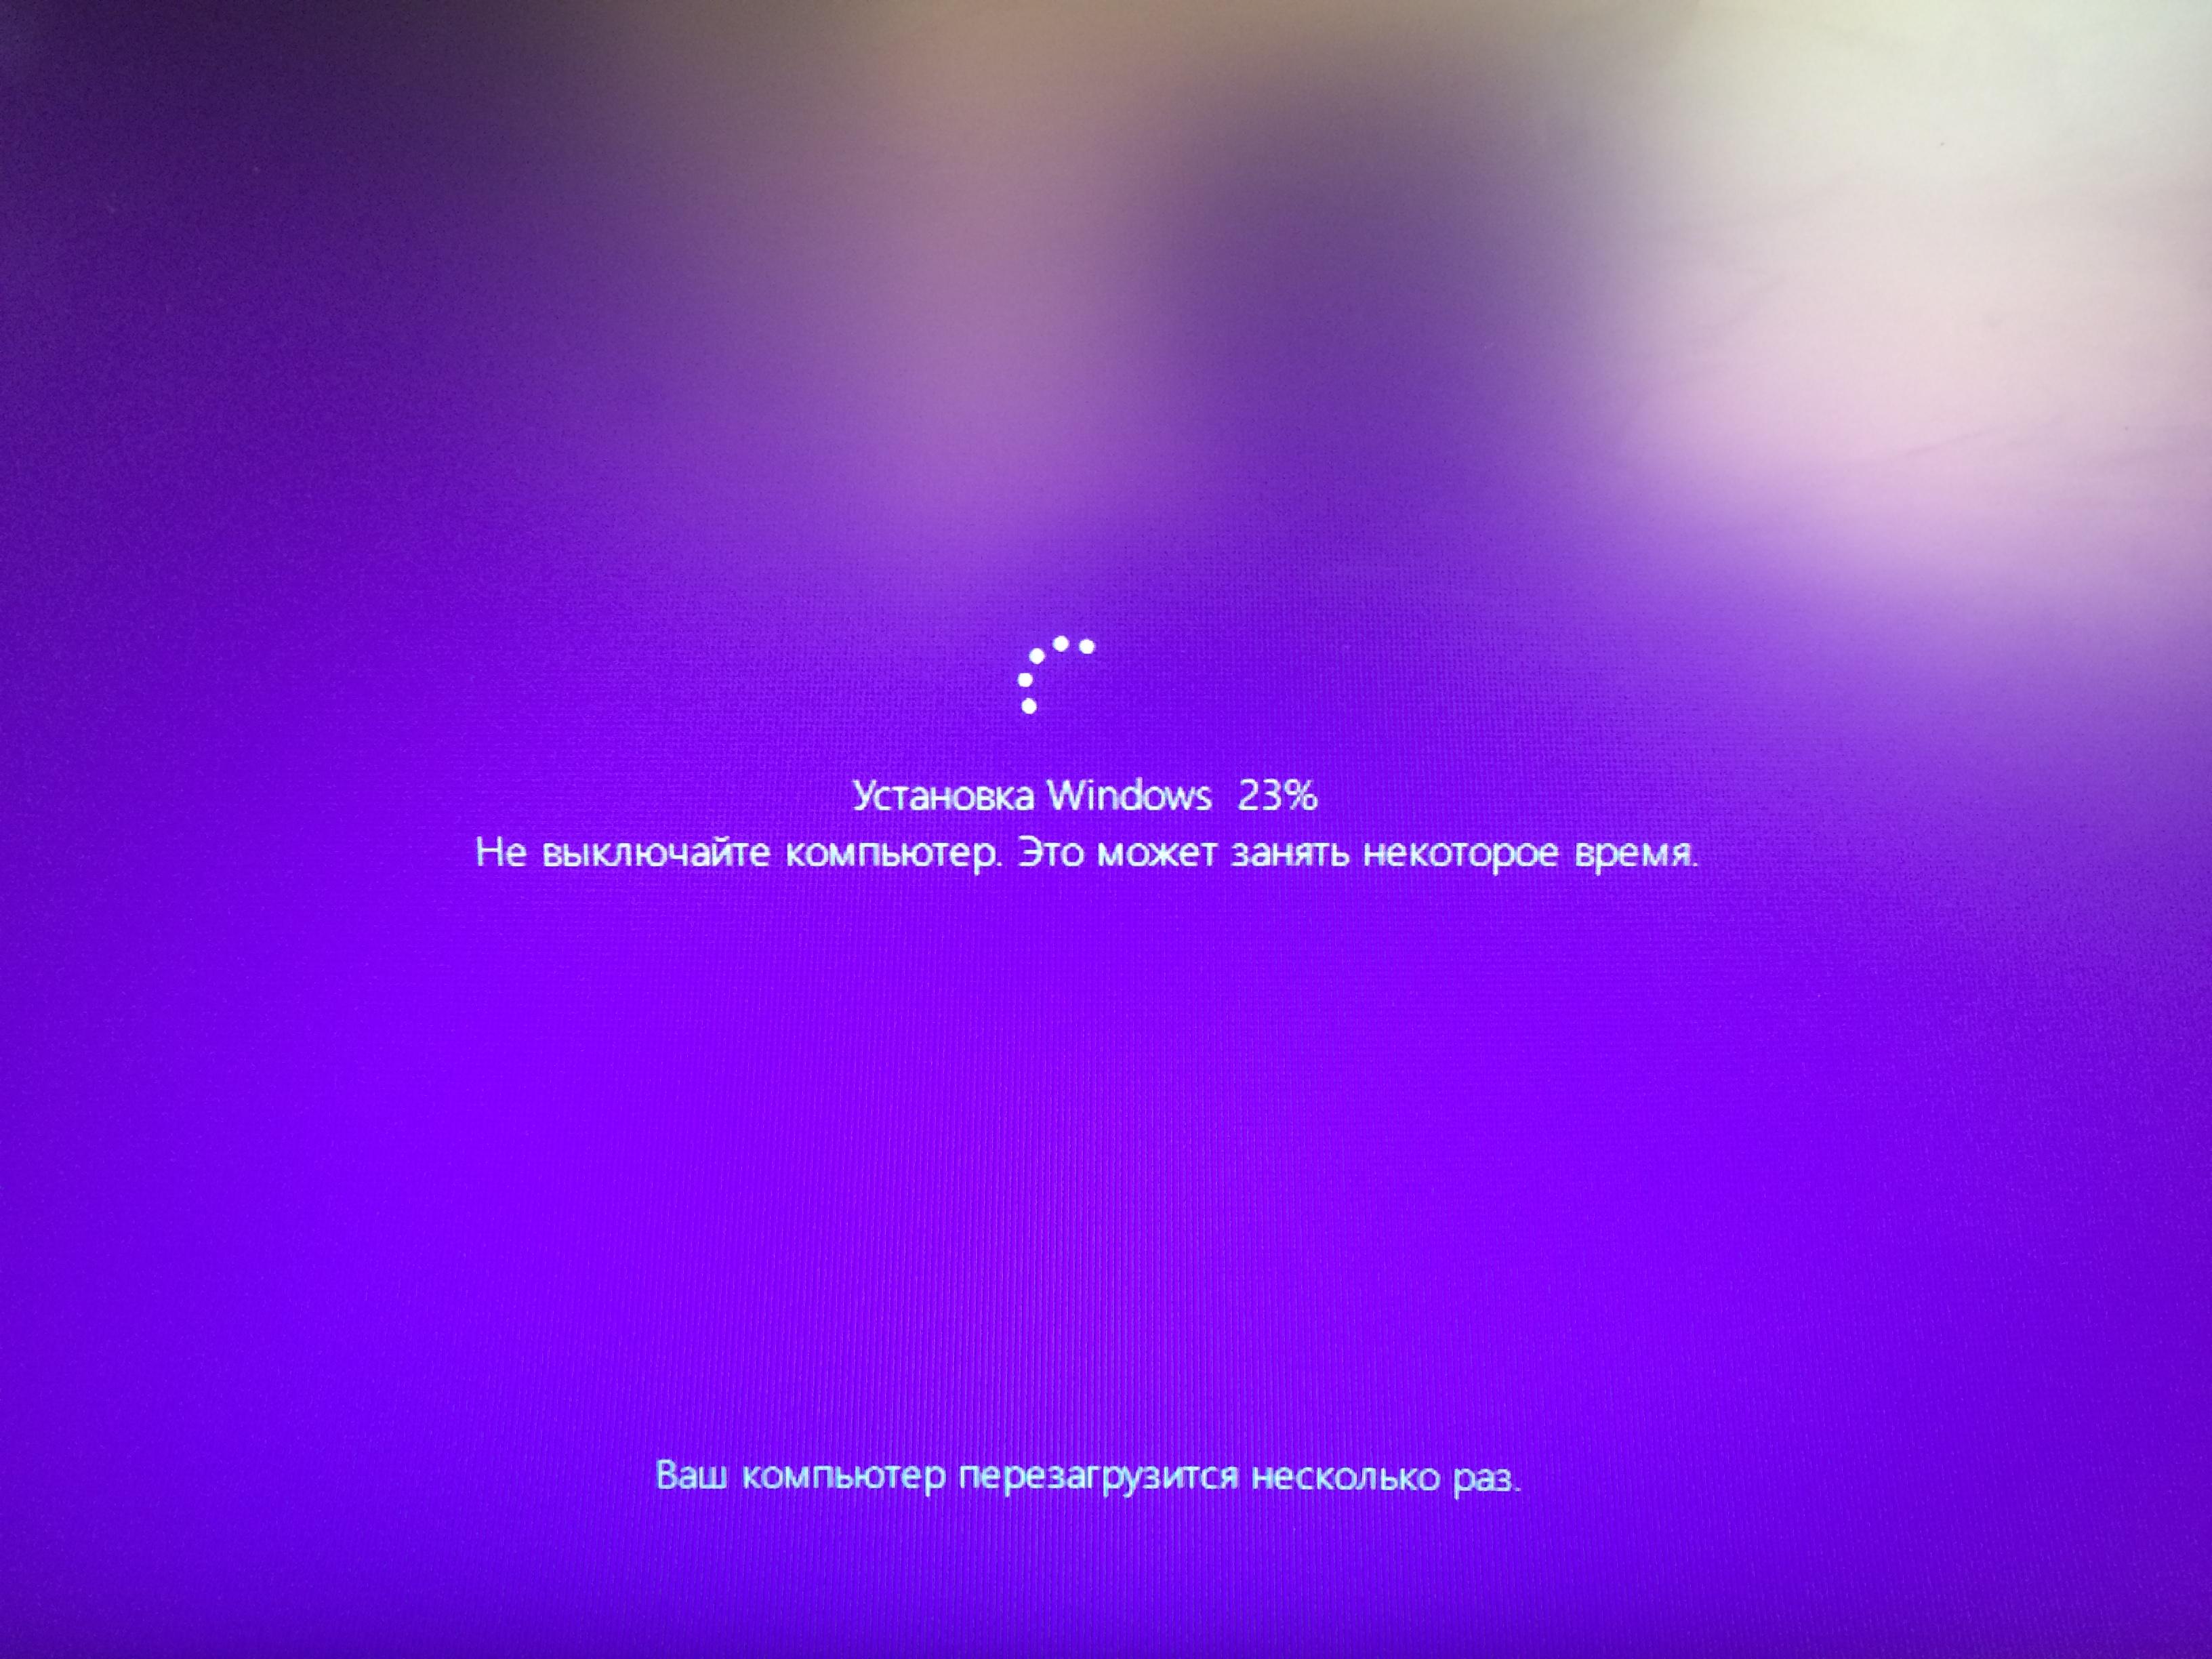 слизистой картинка на компьютере зависает на несколько секунд создаст особое